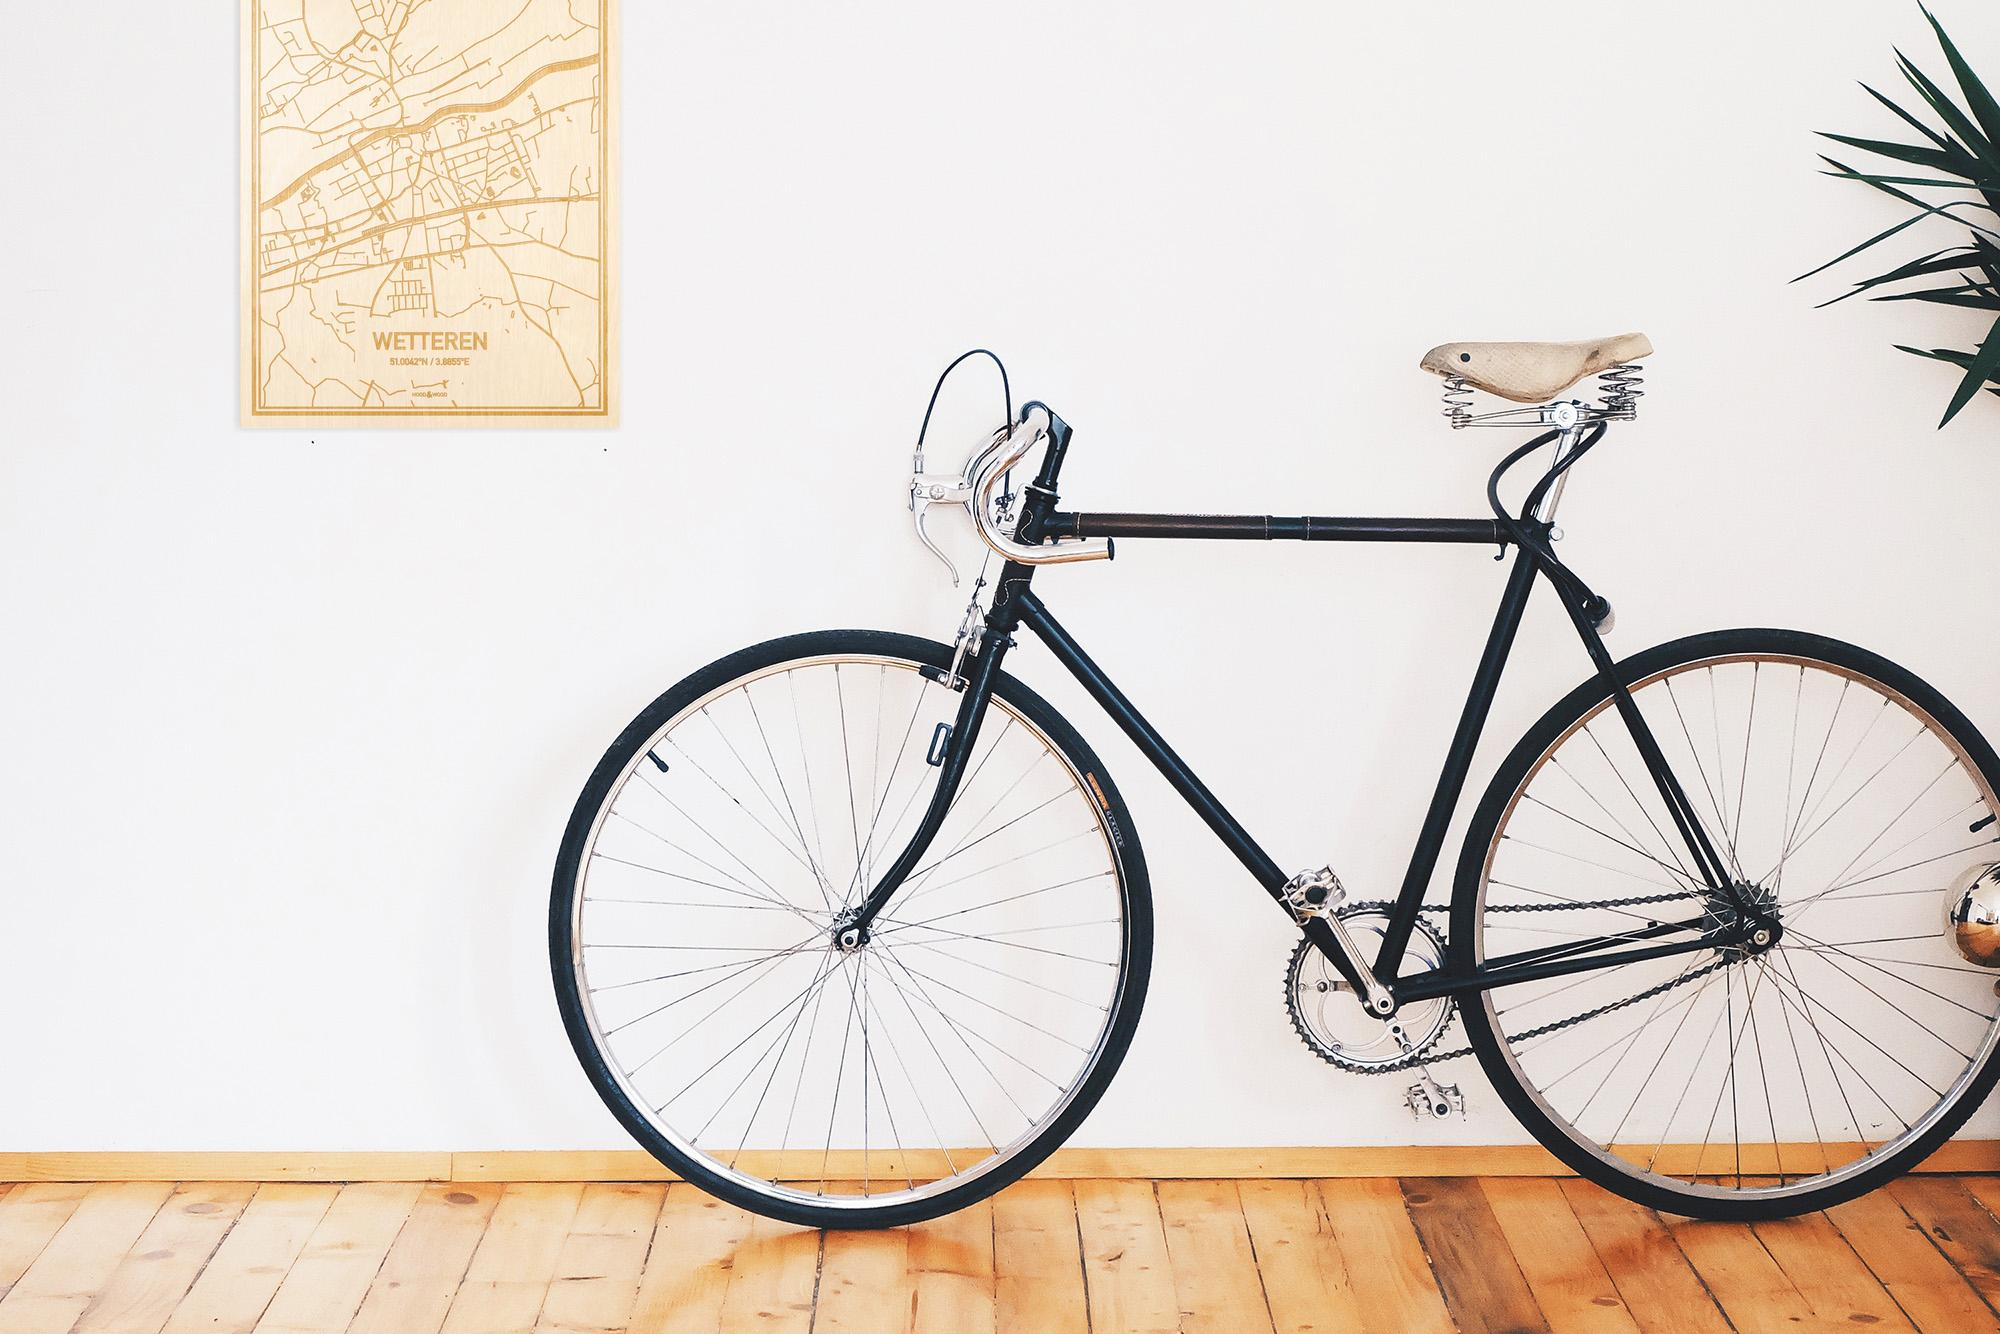 Een snelle fiets in een uniek interieur in Oost-Vlaanderen  met mooie decoratie zoals de plattegrond Wetteren.